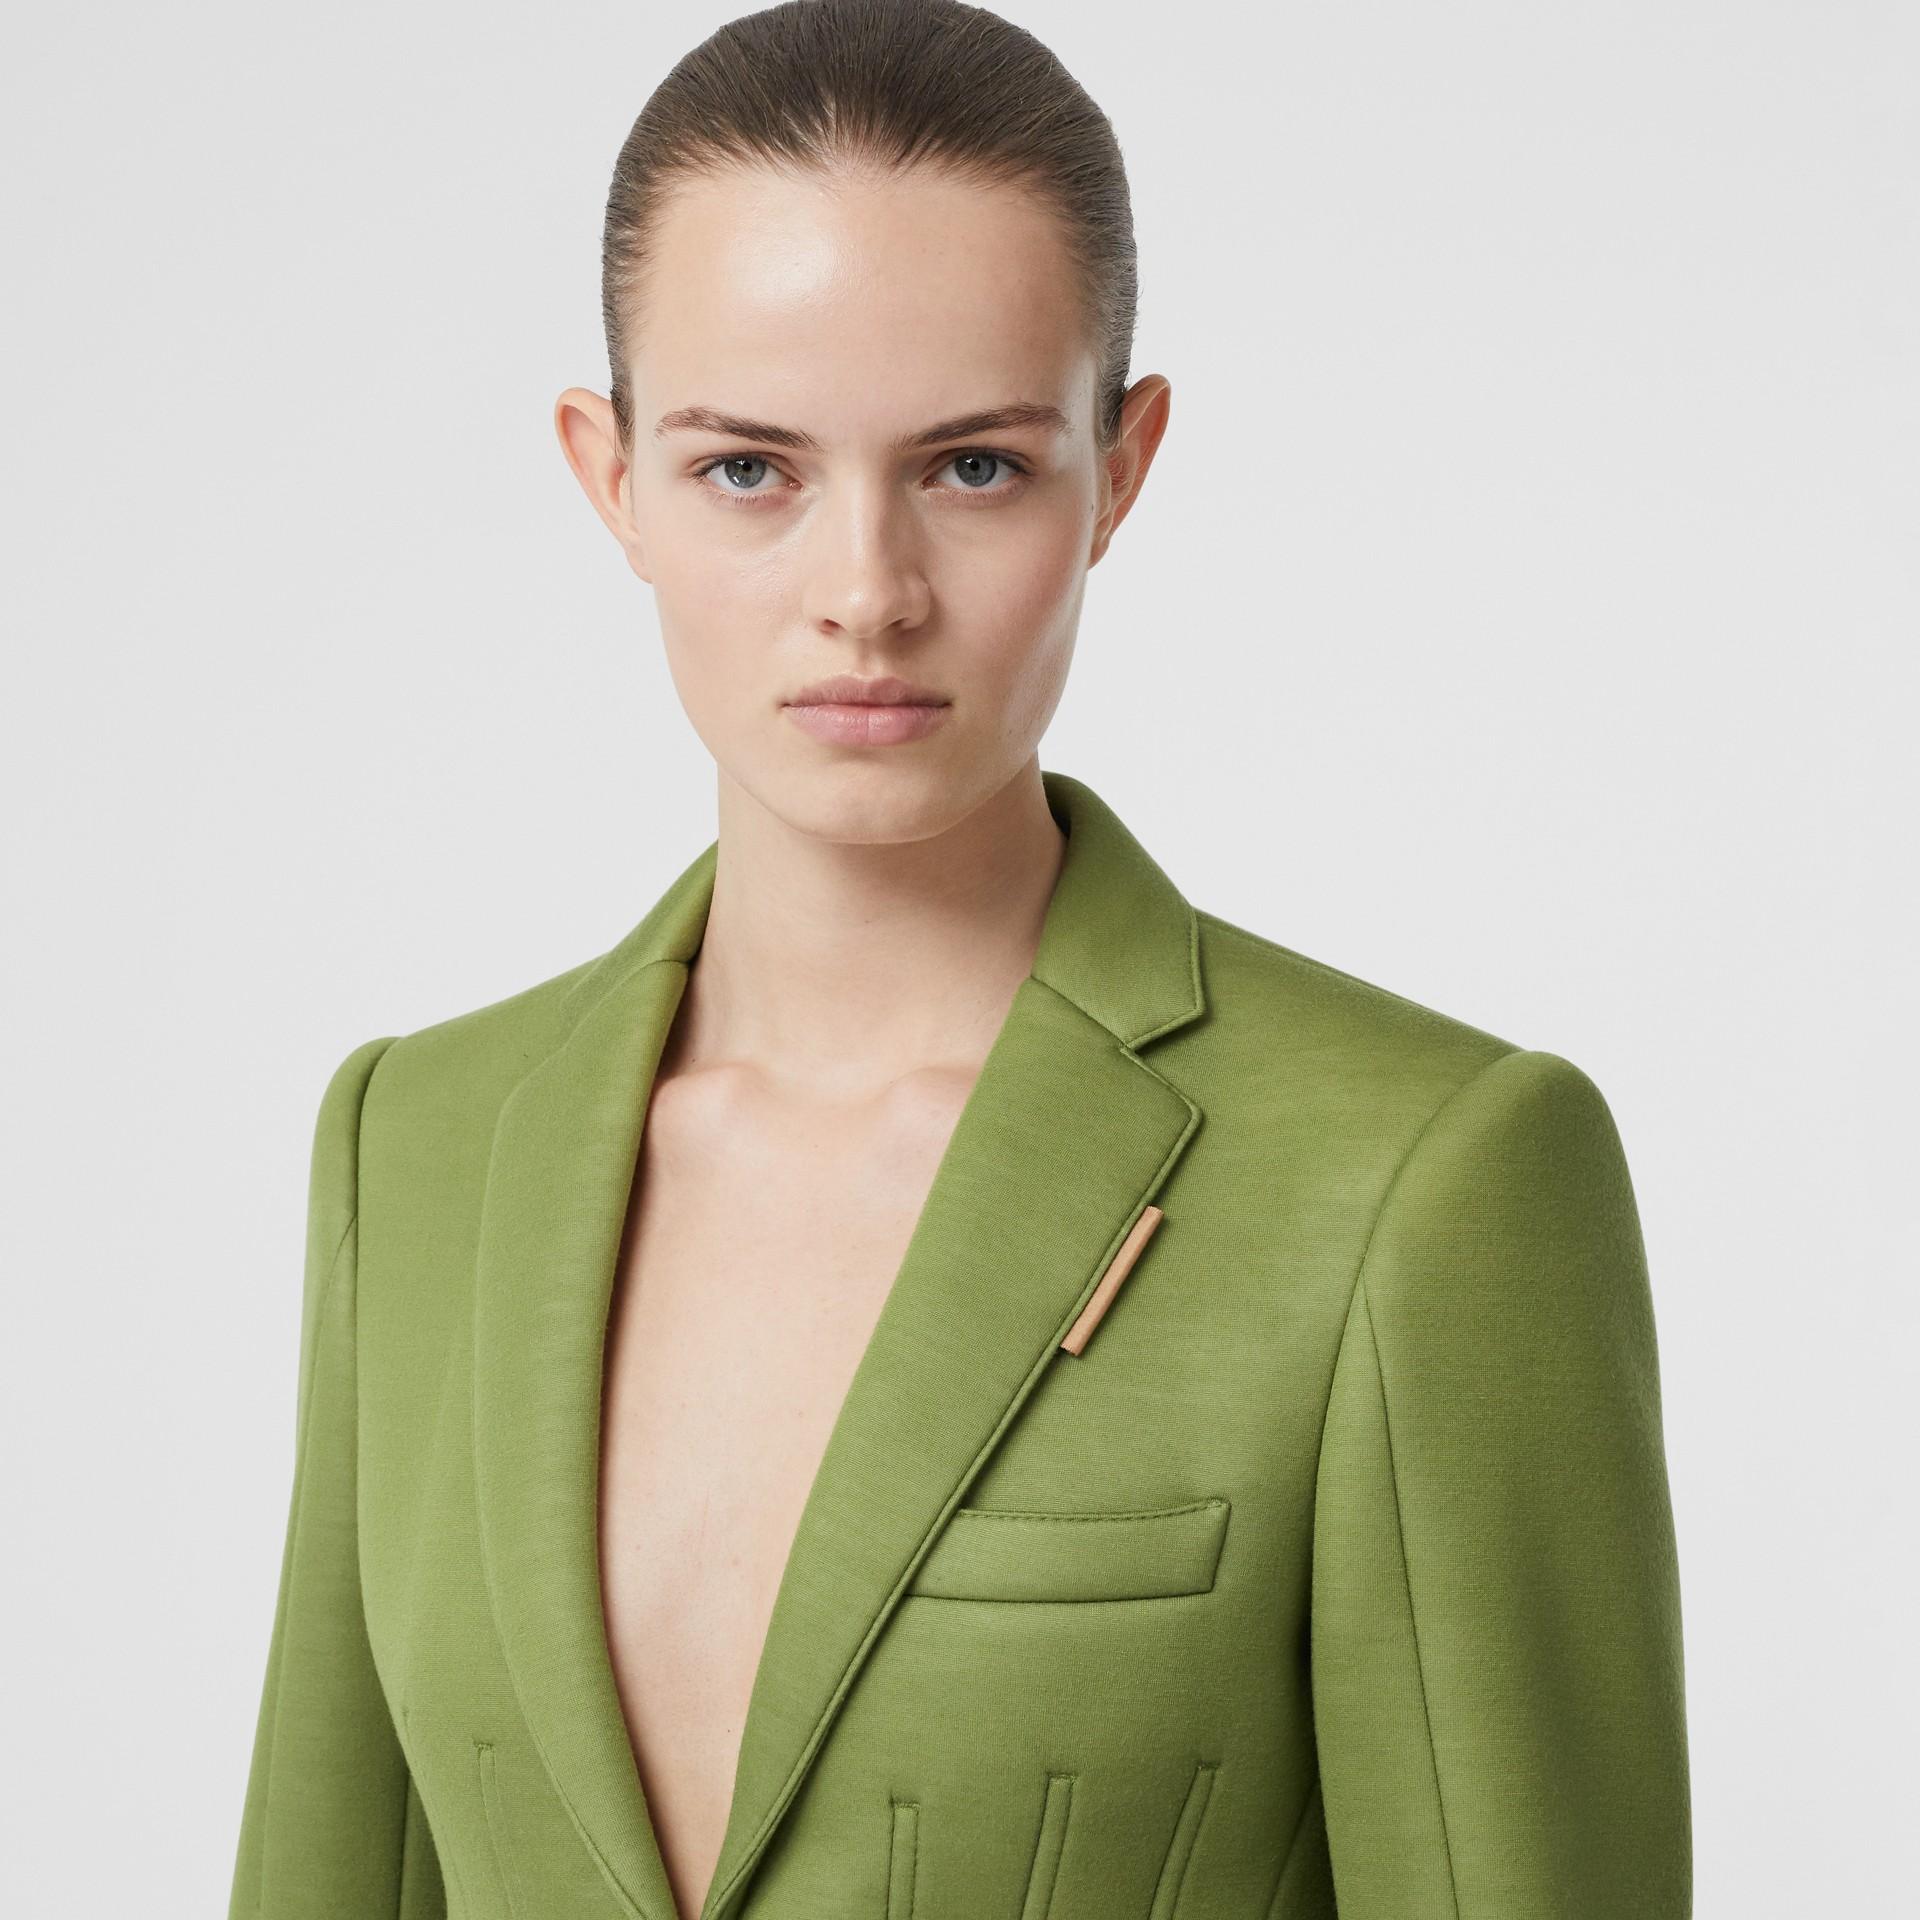 Double-faced Neoprene Tailored Jacket in Cedar Green - Women | Burberry - gallery image 1